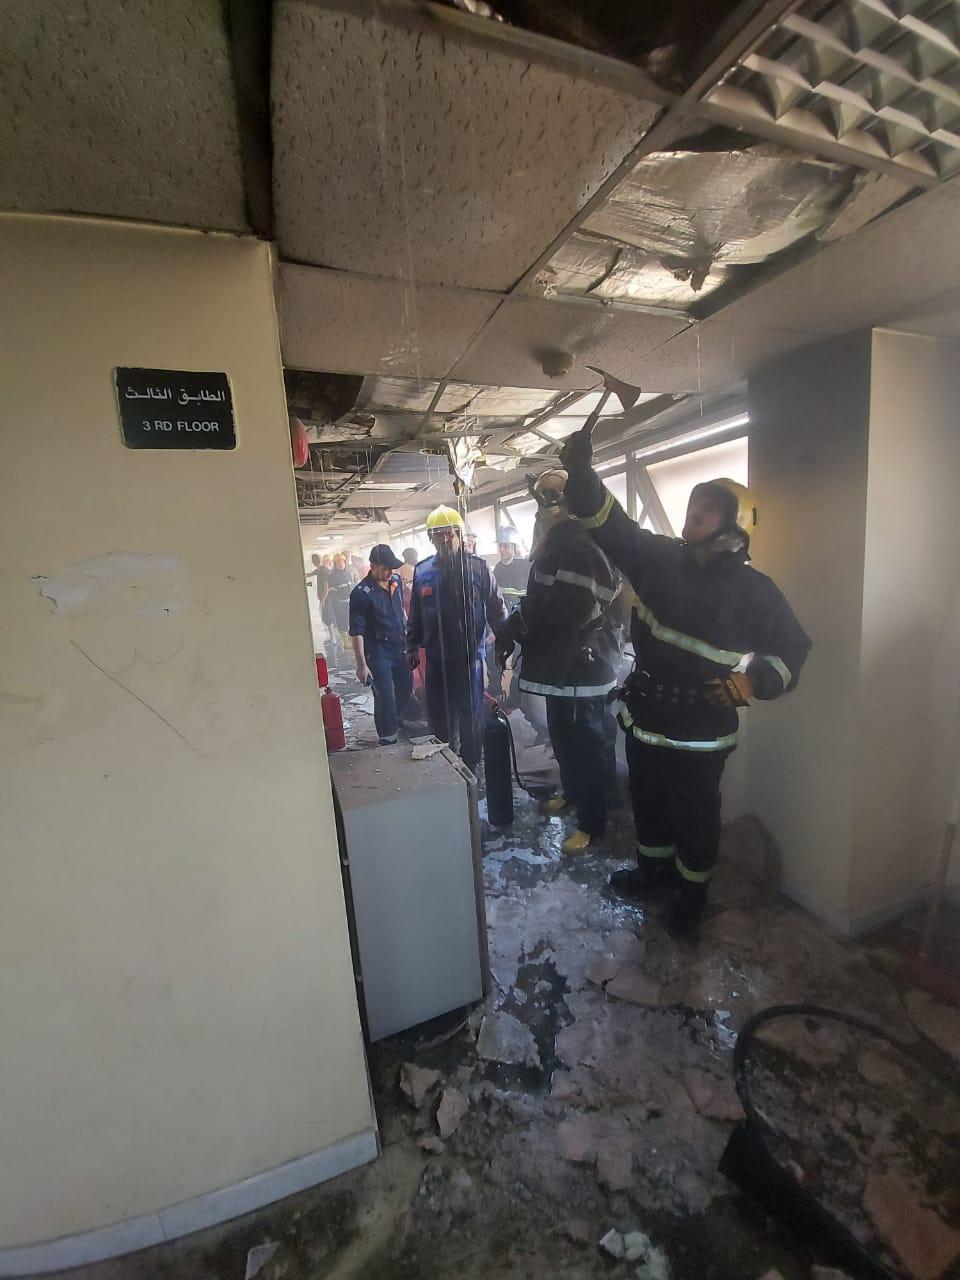 حتى سكن اطباء بغداد أحرقوه